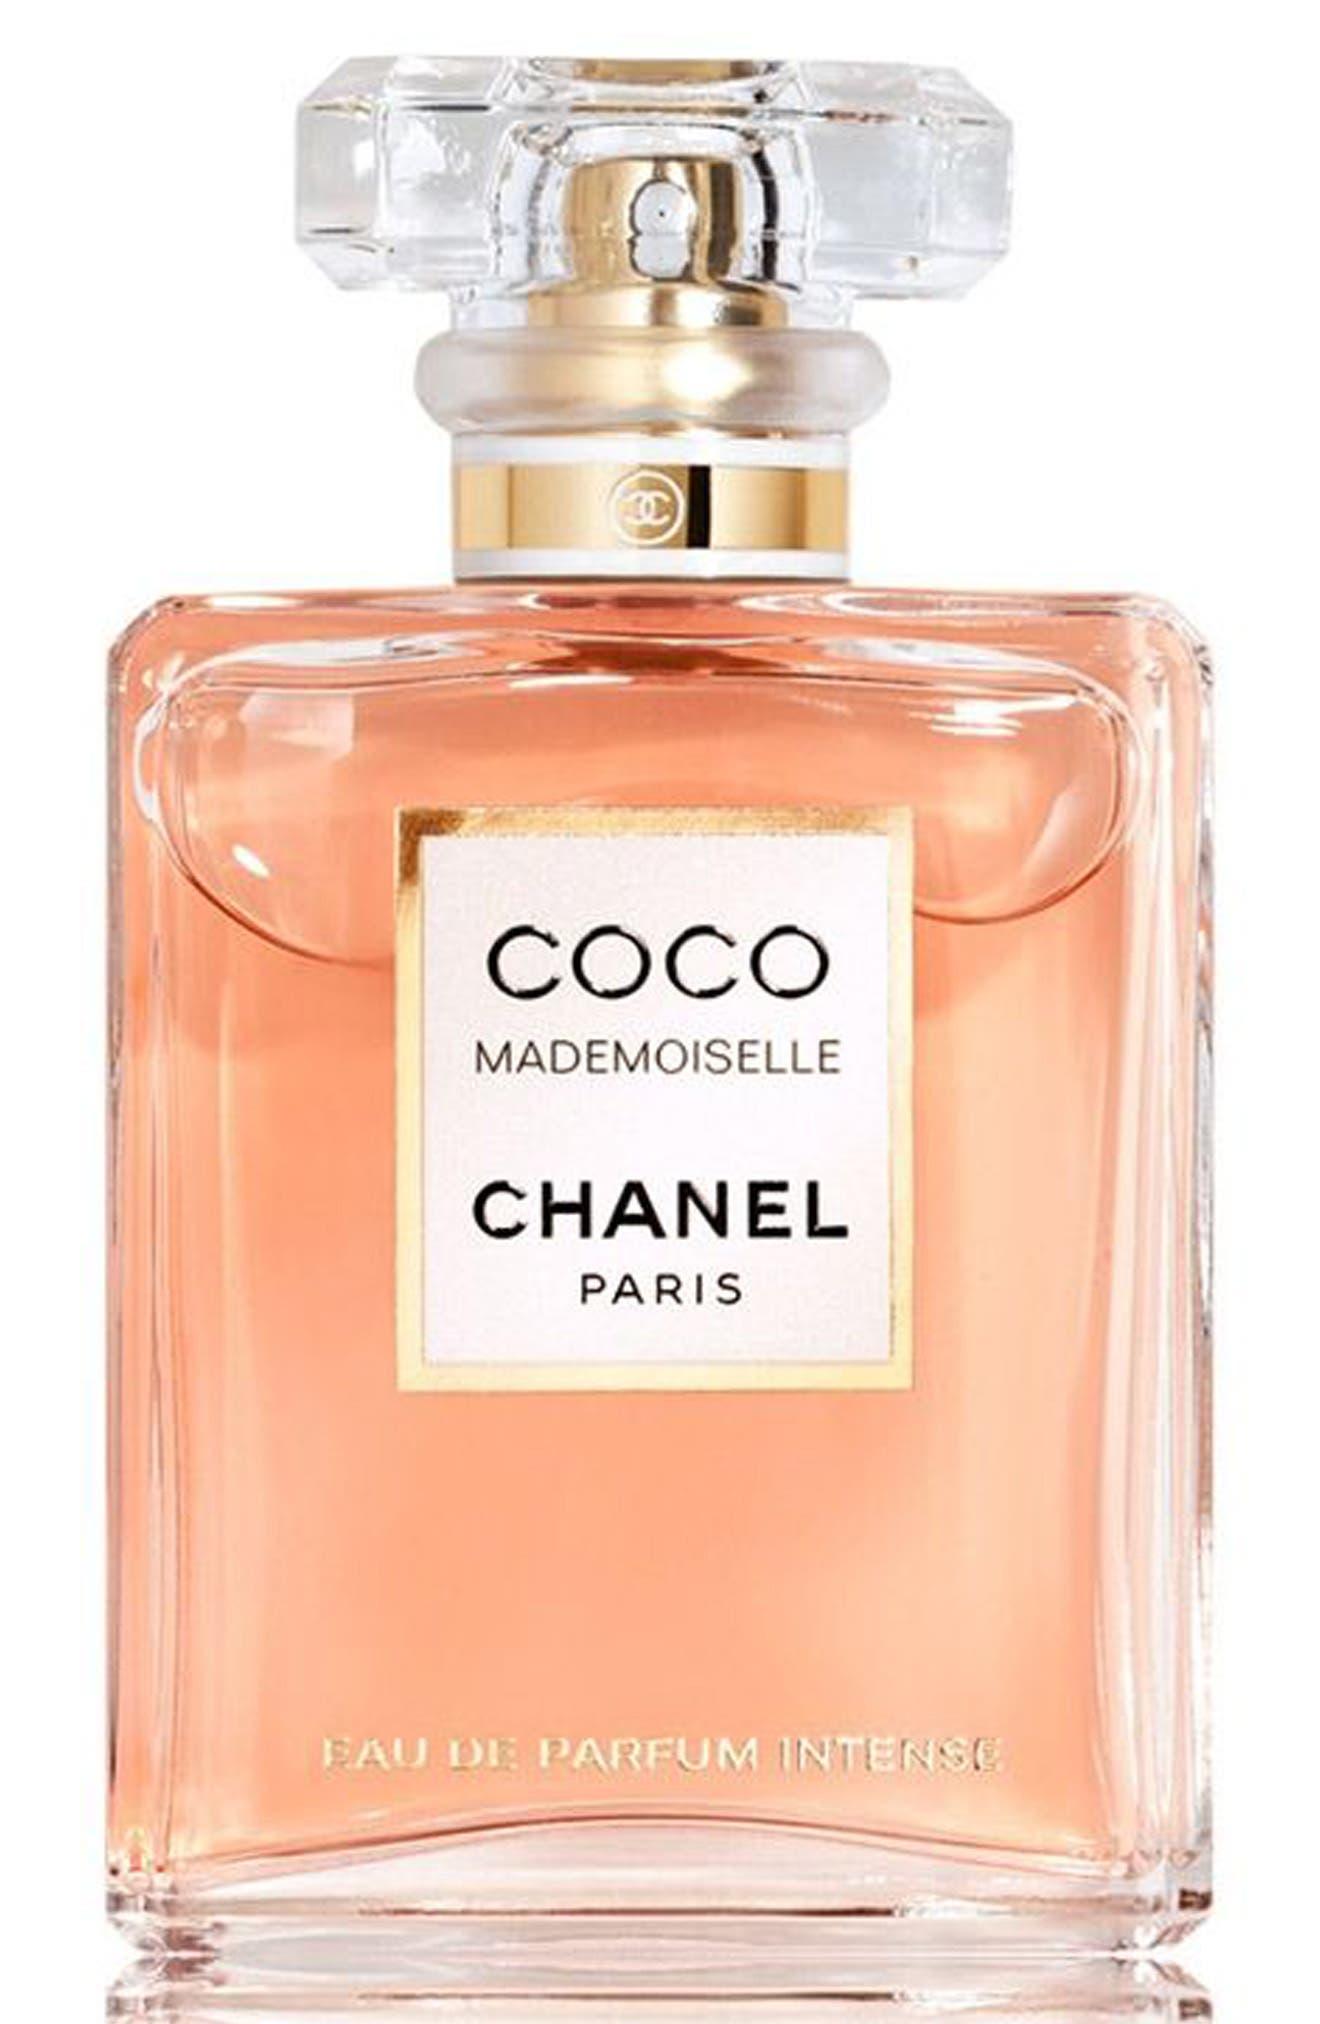 Main Image - CHANEL COCO MADEMOISELLE  Eau de Parfum Intense